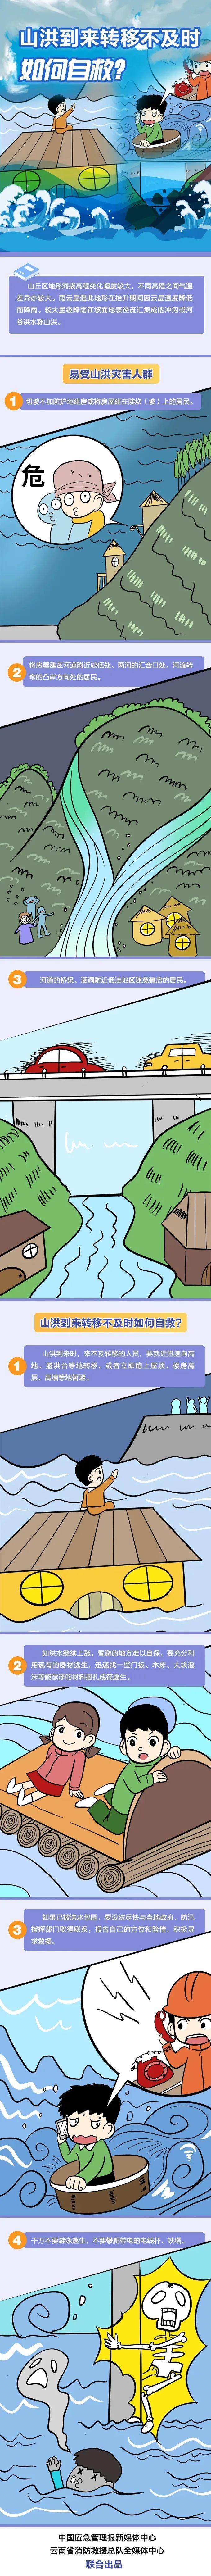 注意!注意!重庆多地将出现暴雨、局地大暴雨!